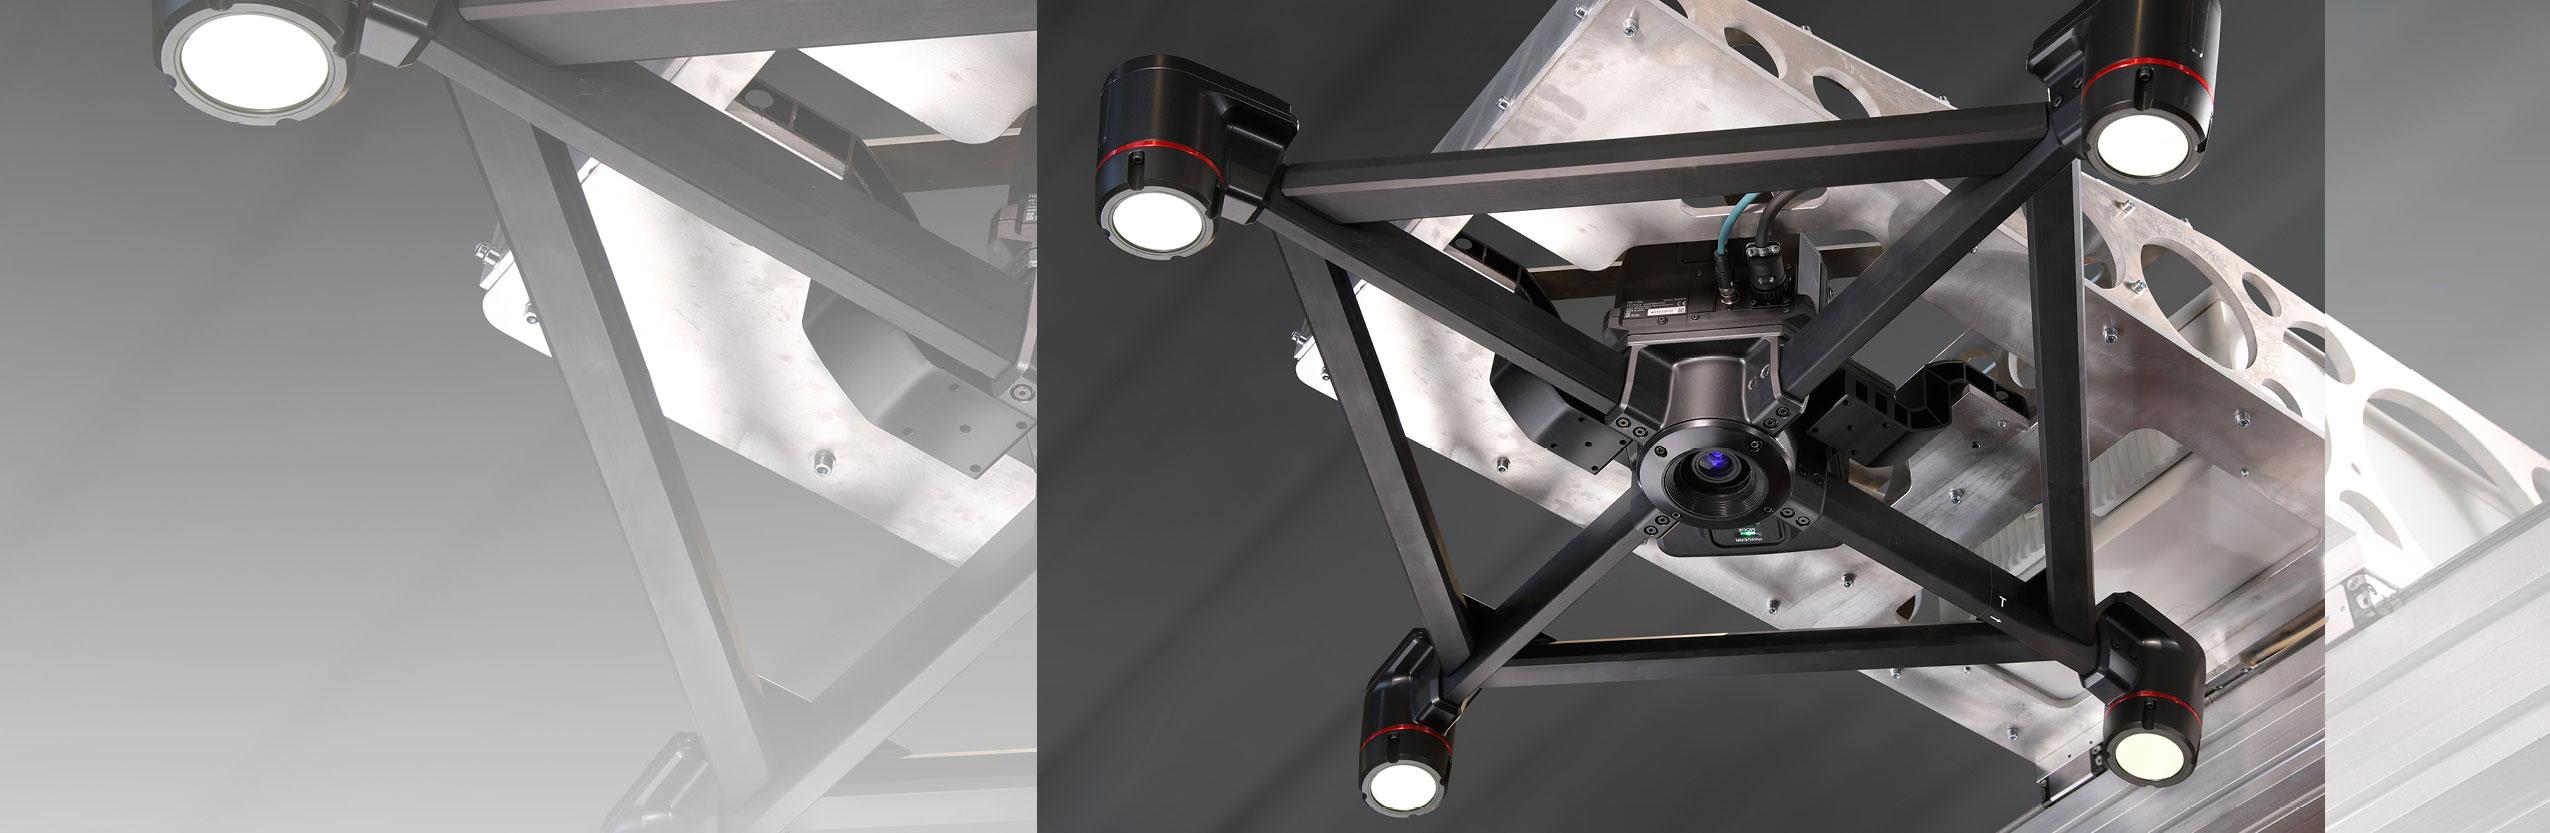 3D Camera Keyence Bin Picking